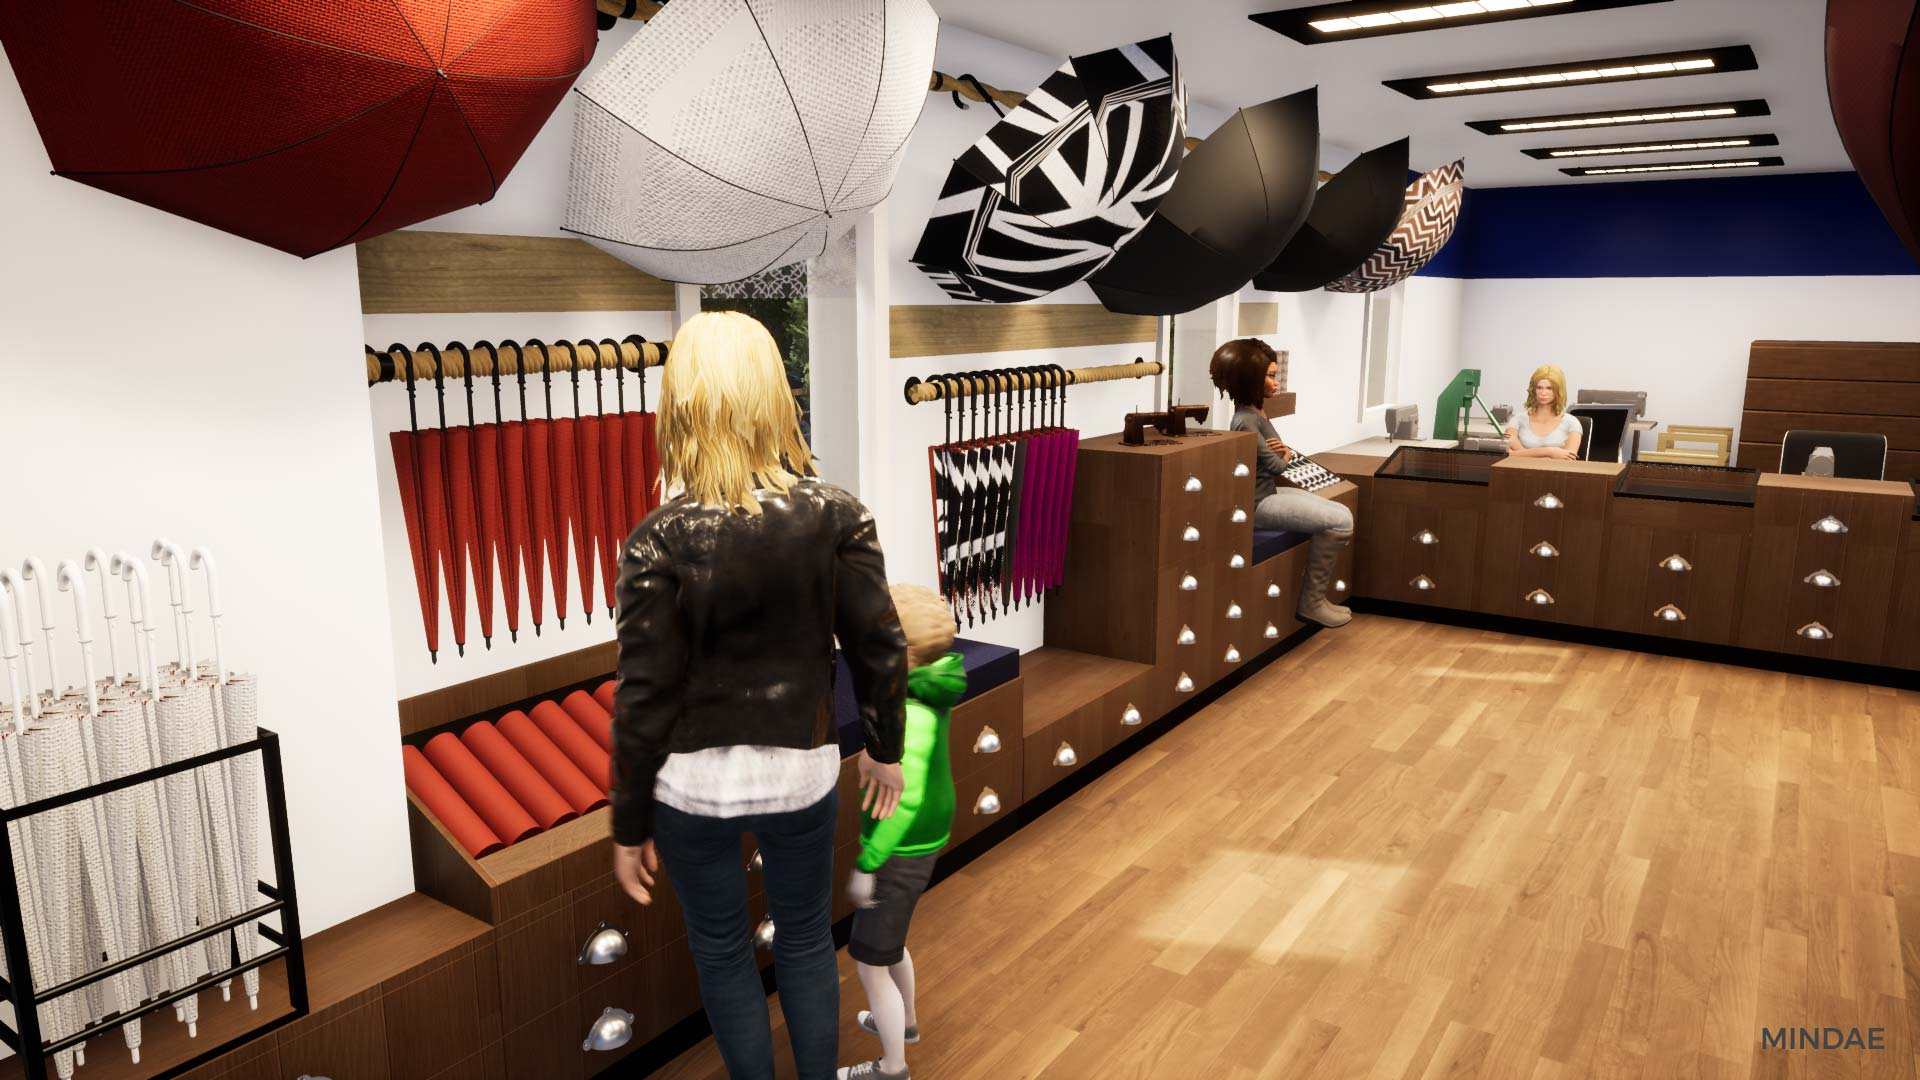 Mindae_3D_h2o_parapluies_crepon_creully_agencement_boutique_projet-(4)